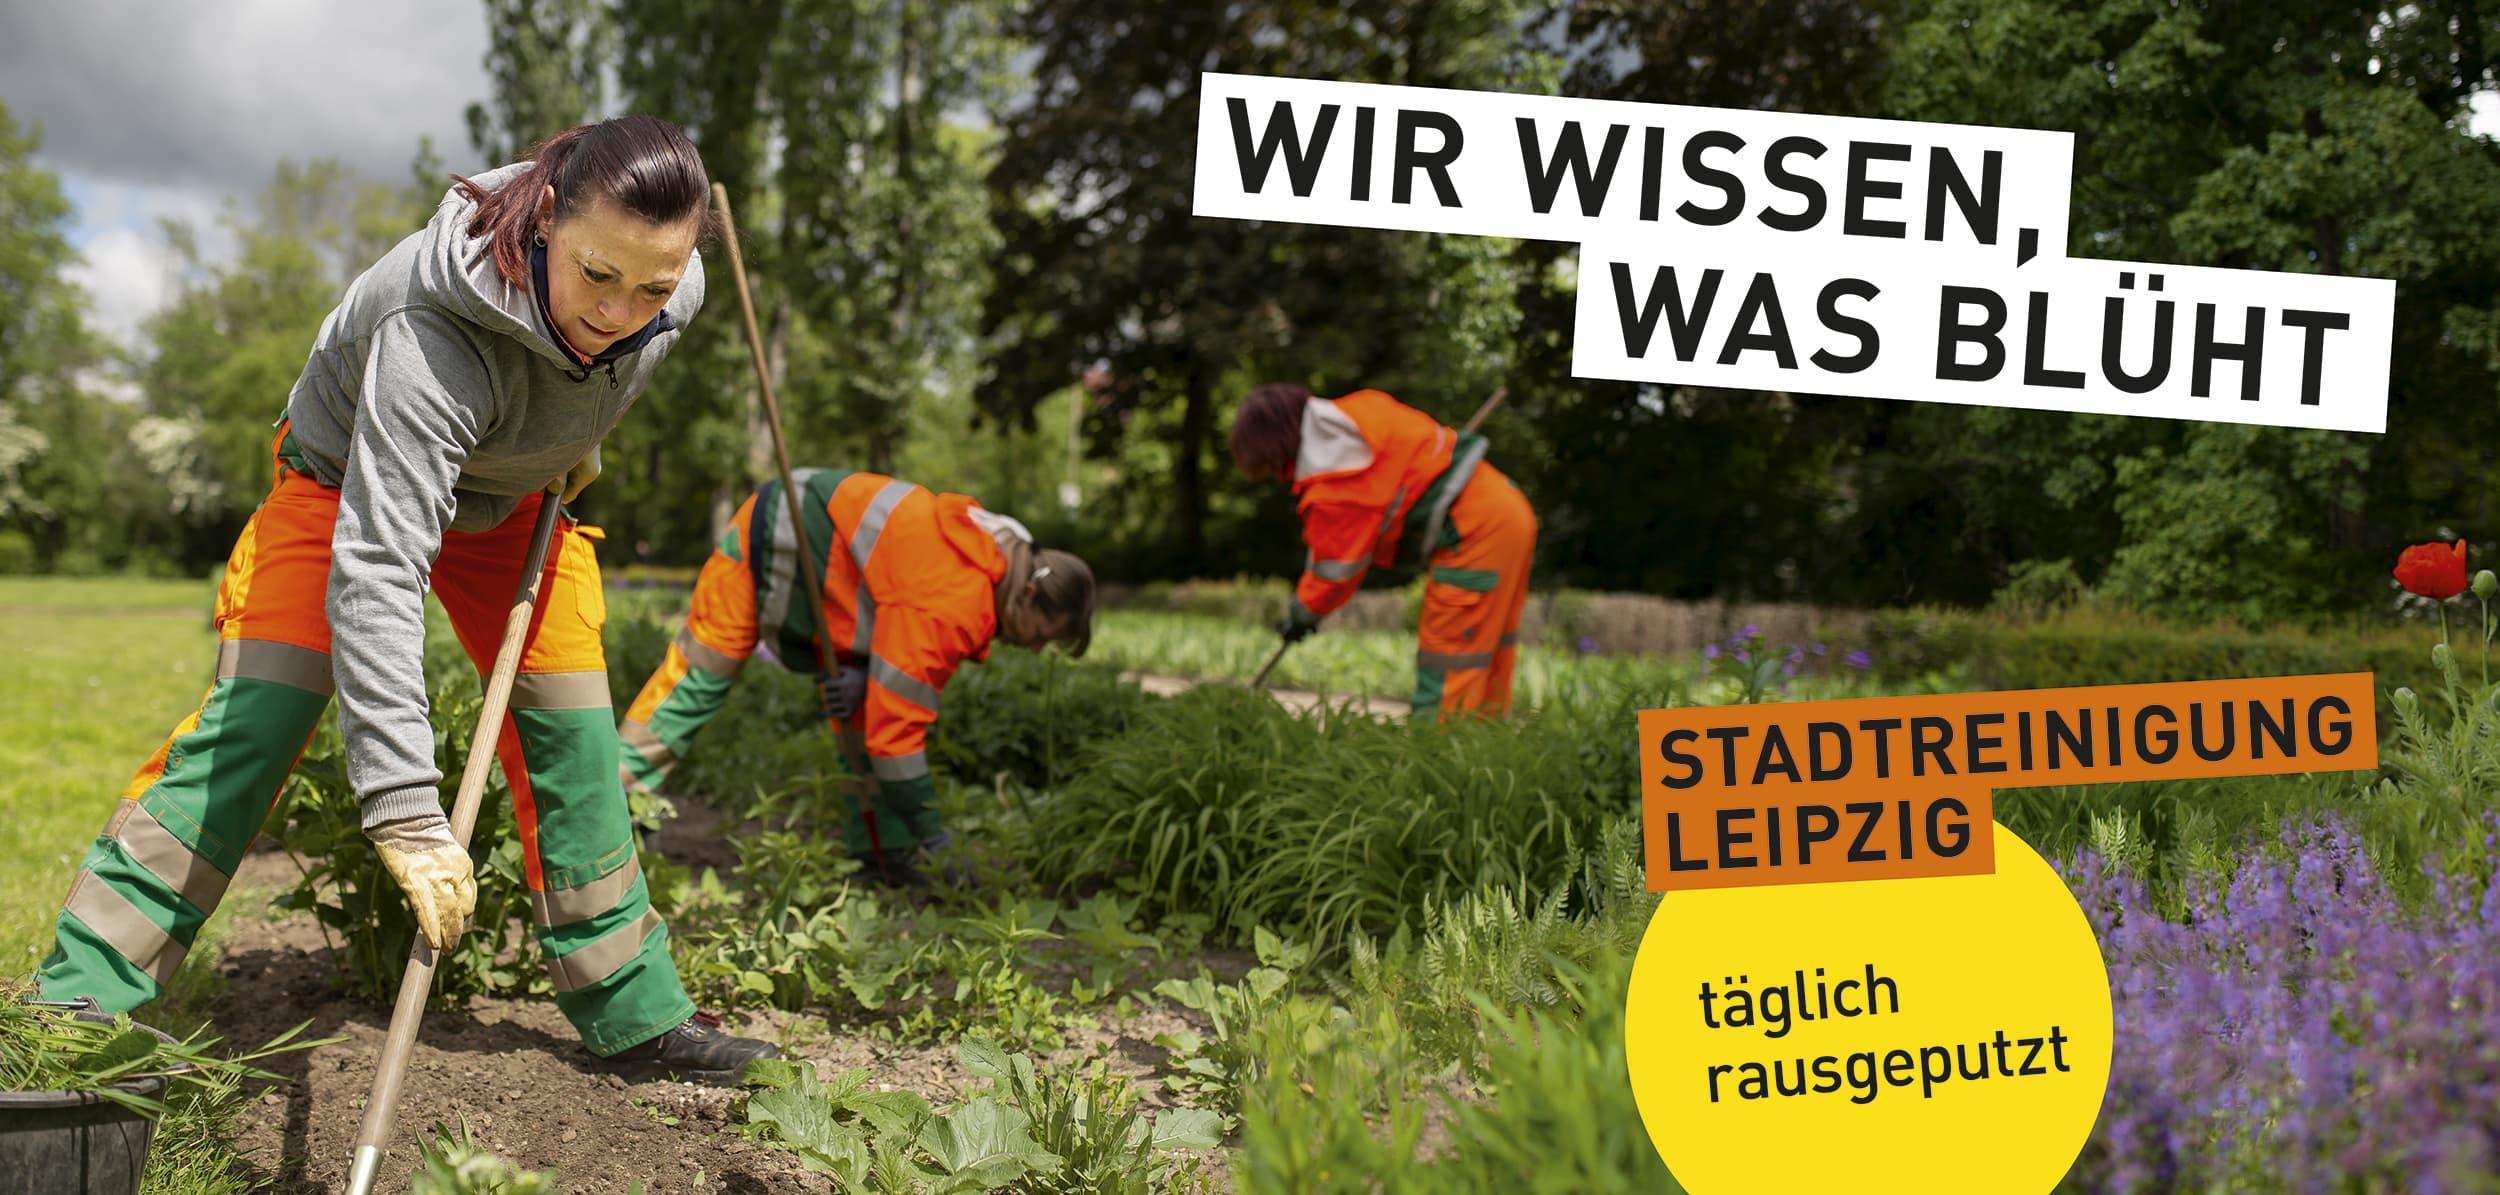 Stadtreinigung Leipzig - Portraitfotografie während der Sommerbepflanzung des Clara-Zetkin-Parks